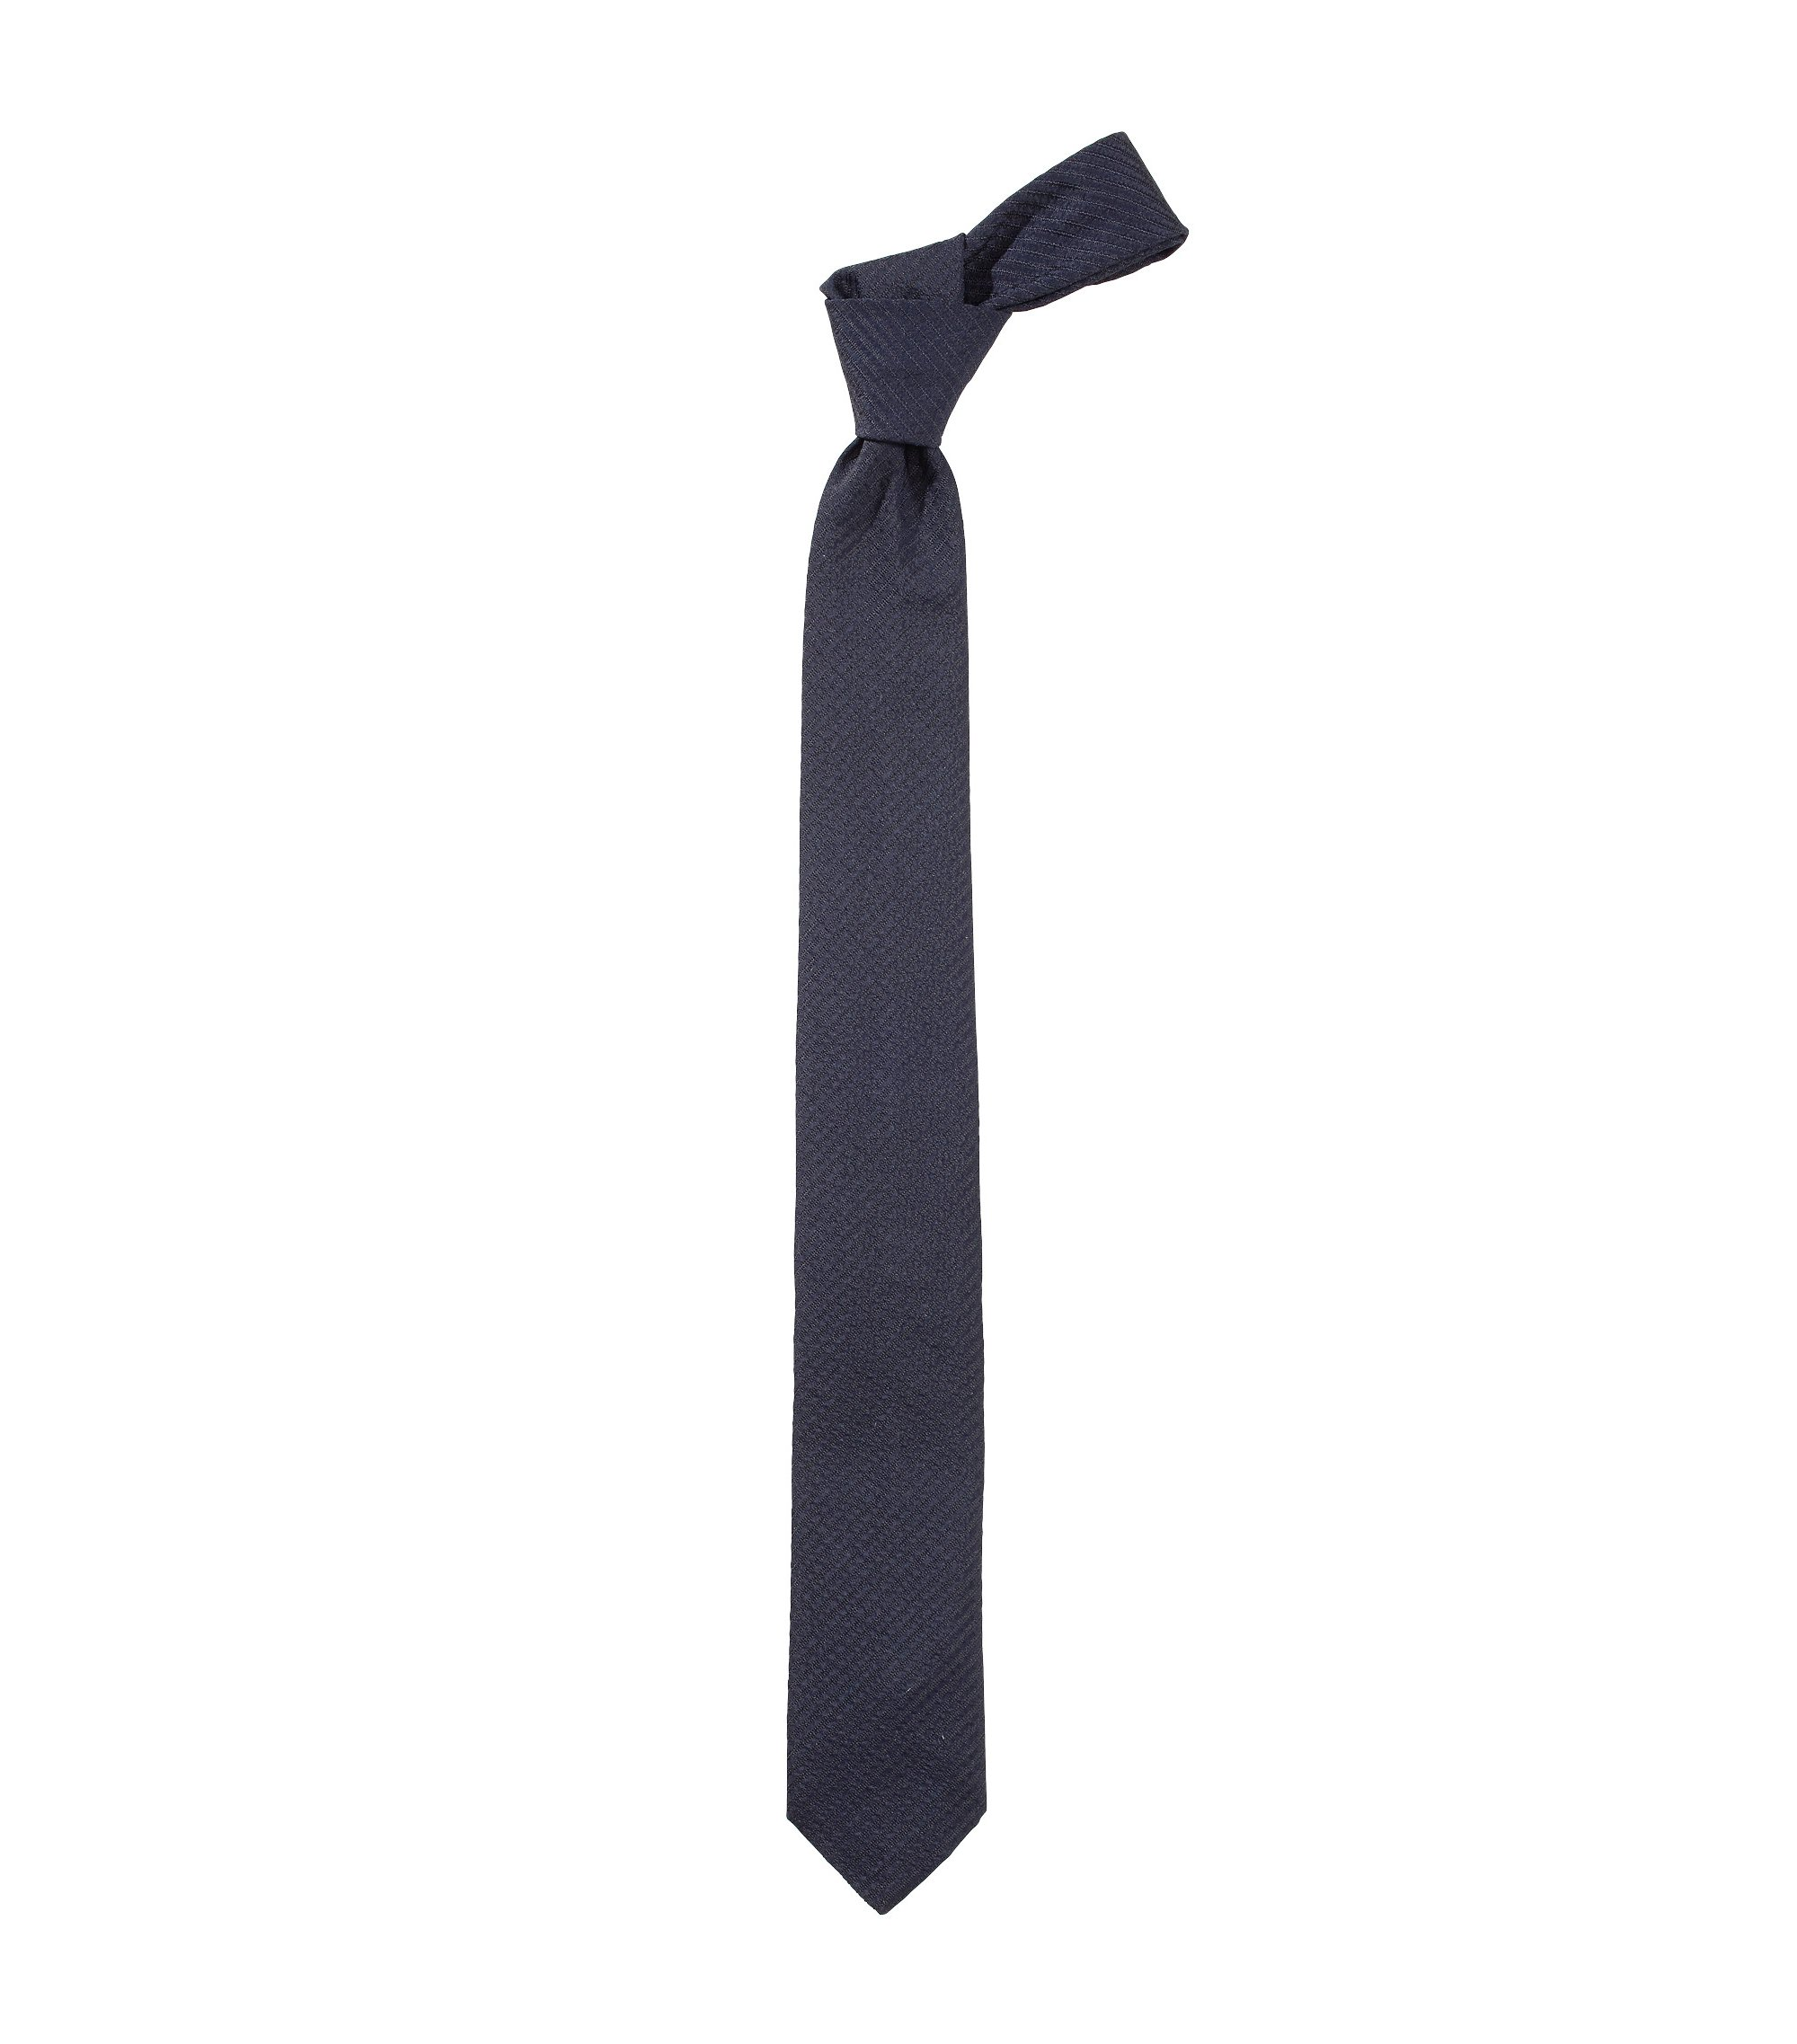 Krawatte ´Soft Tie cm 6` aus Seiden-Mix, Dunkelblau